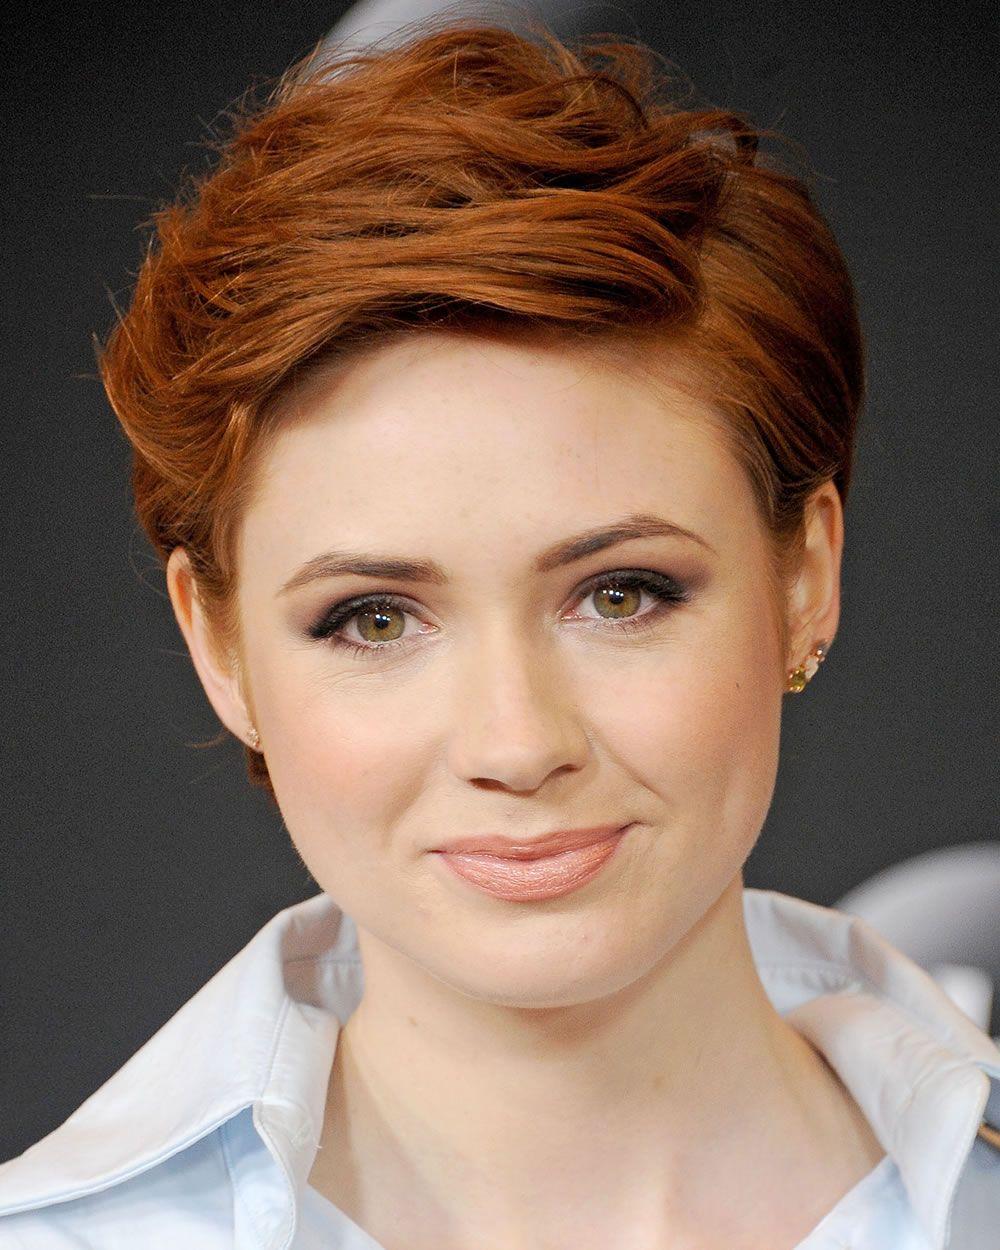 Pixie haircuts u hair color ideas for short hair hairstyles